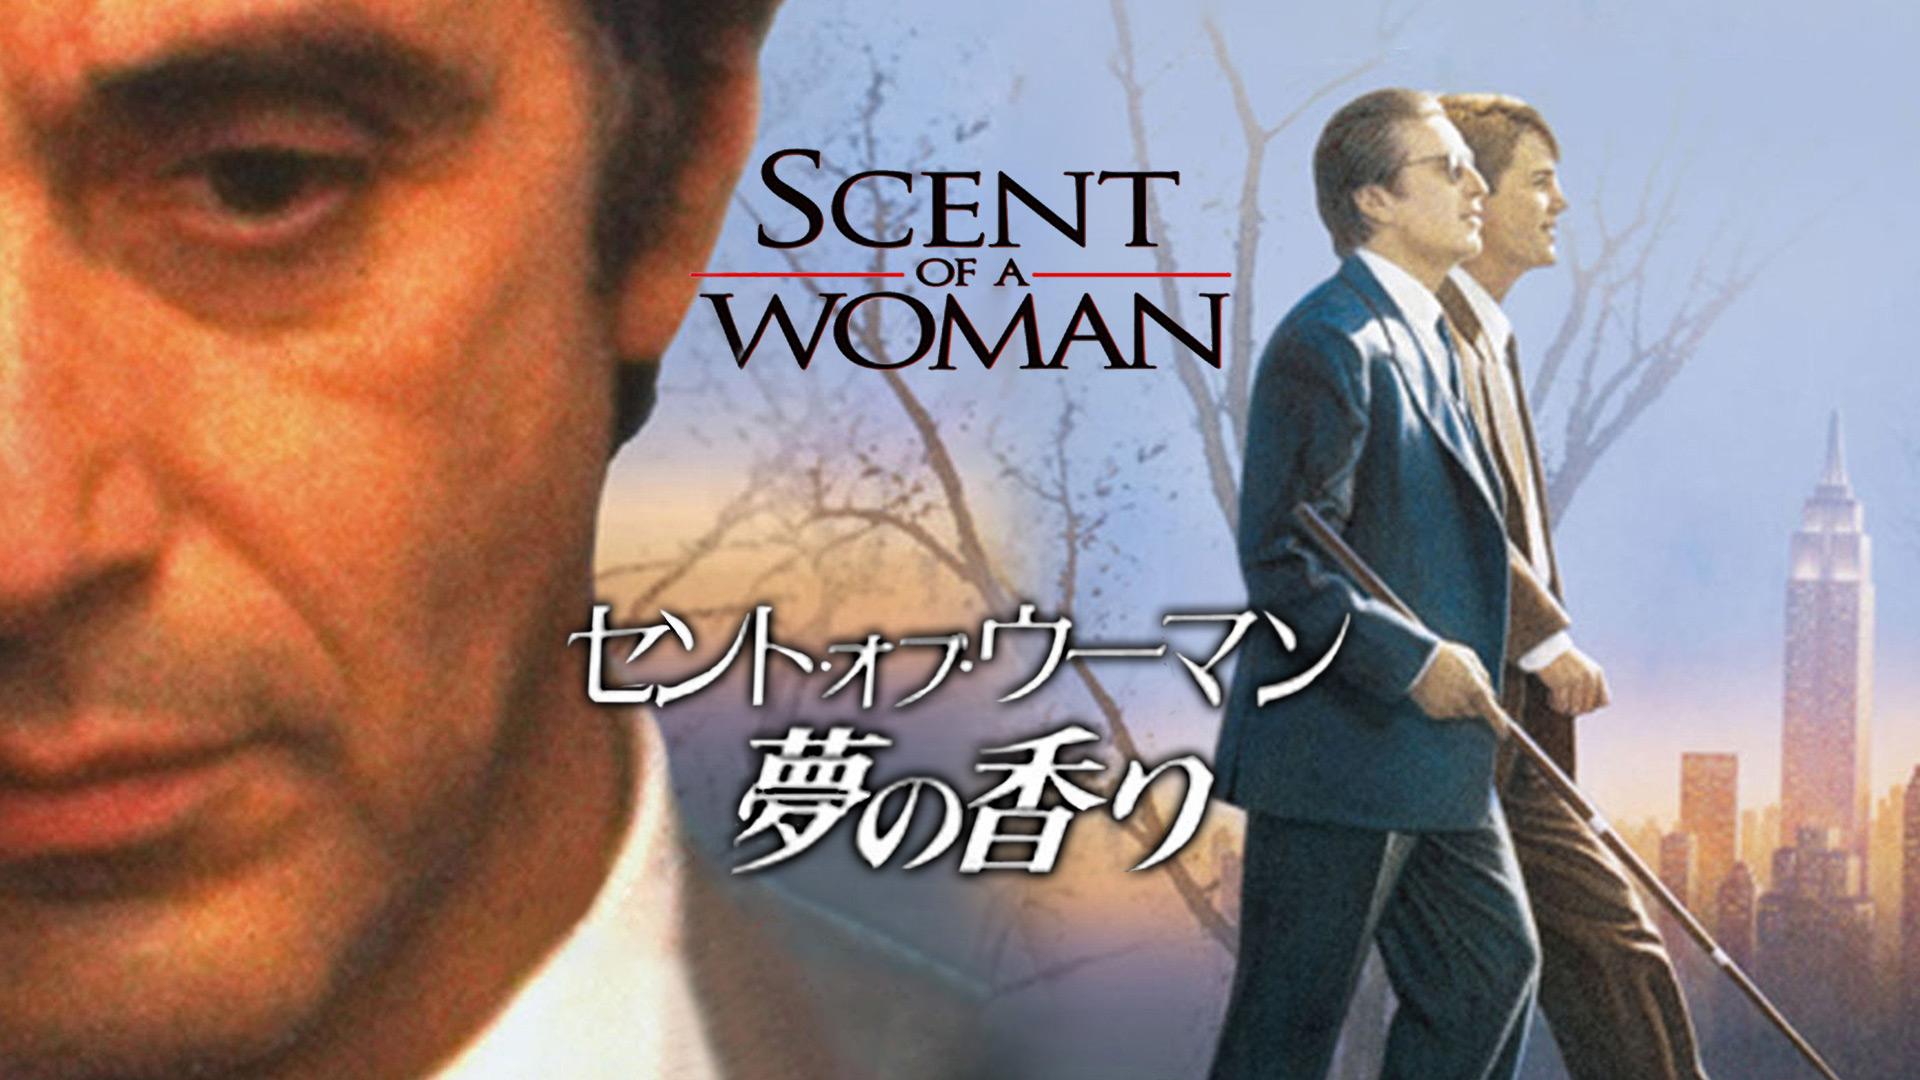 セント・オブ・ウーマン 夢の香り (字幕版)